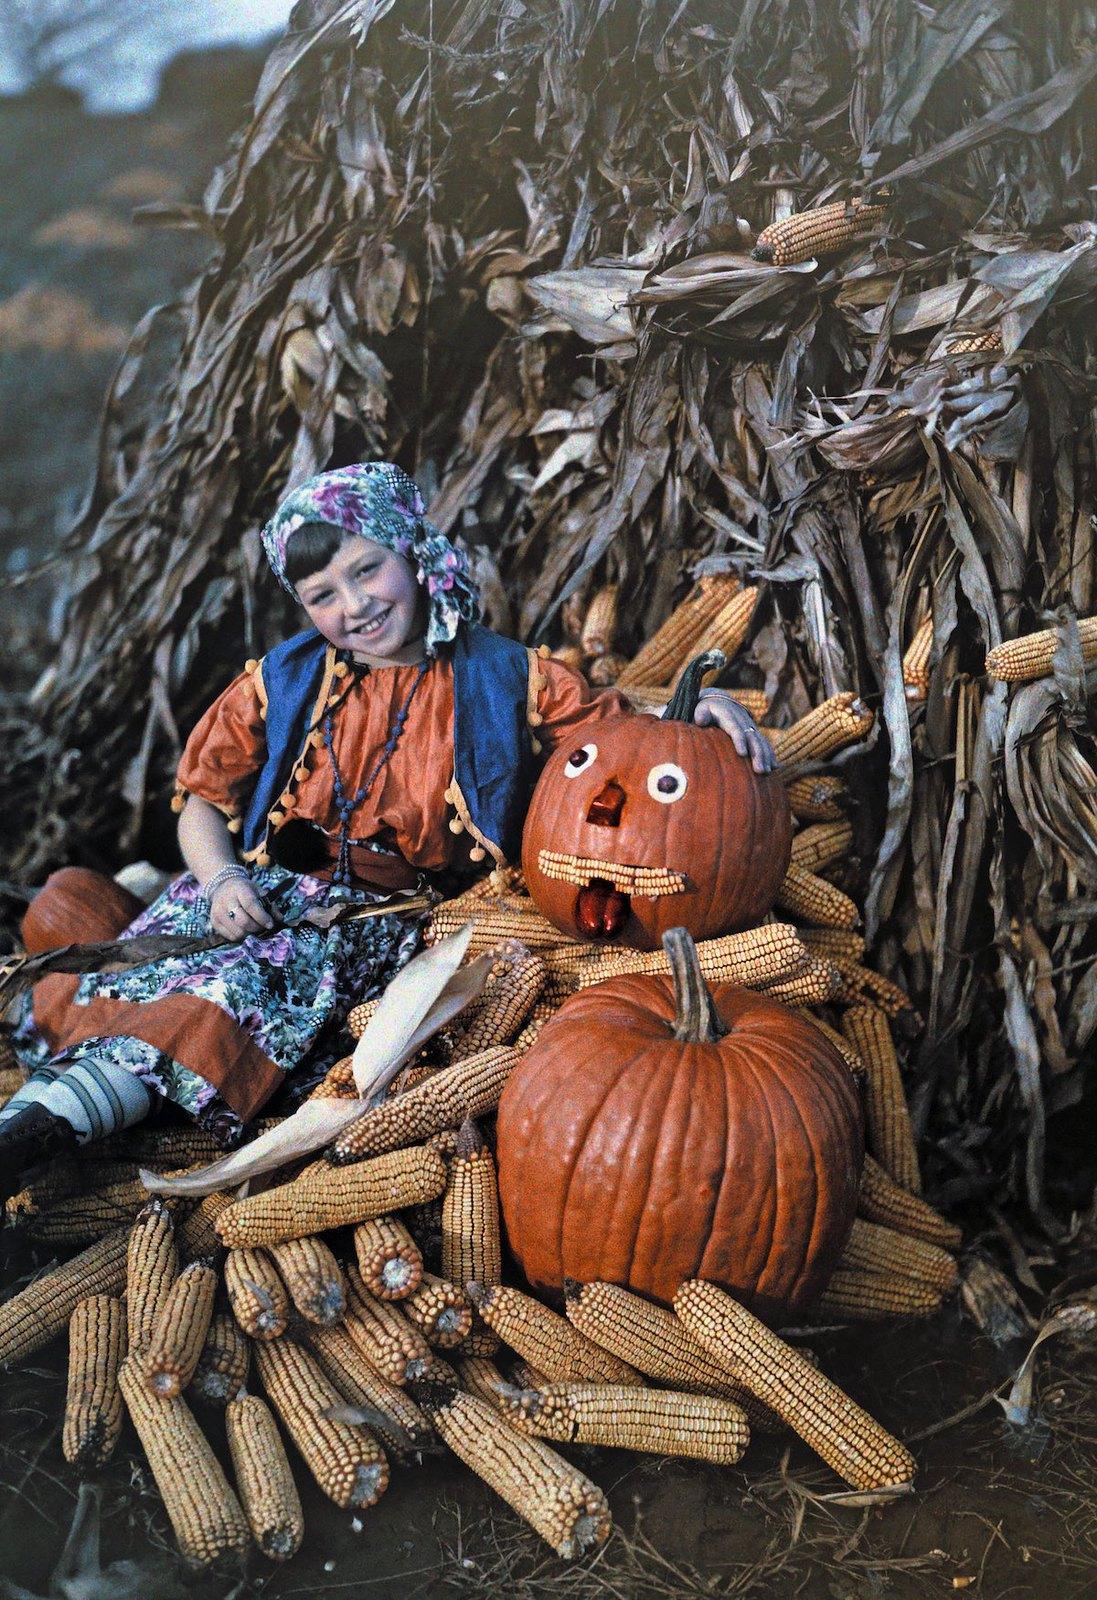 1926. Вирджиния – девочка позирует с кукурузными початками и тыквами во время сбора урожая. Чарльз Мартин